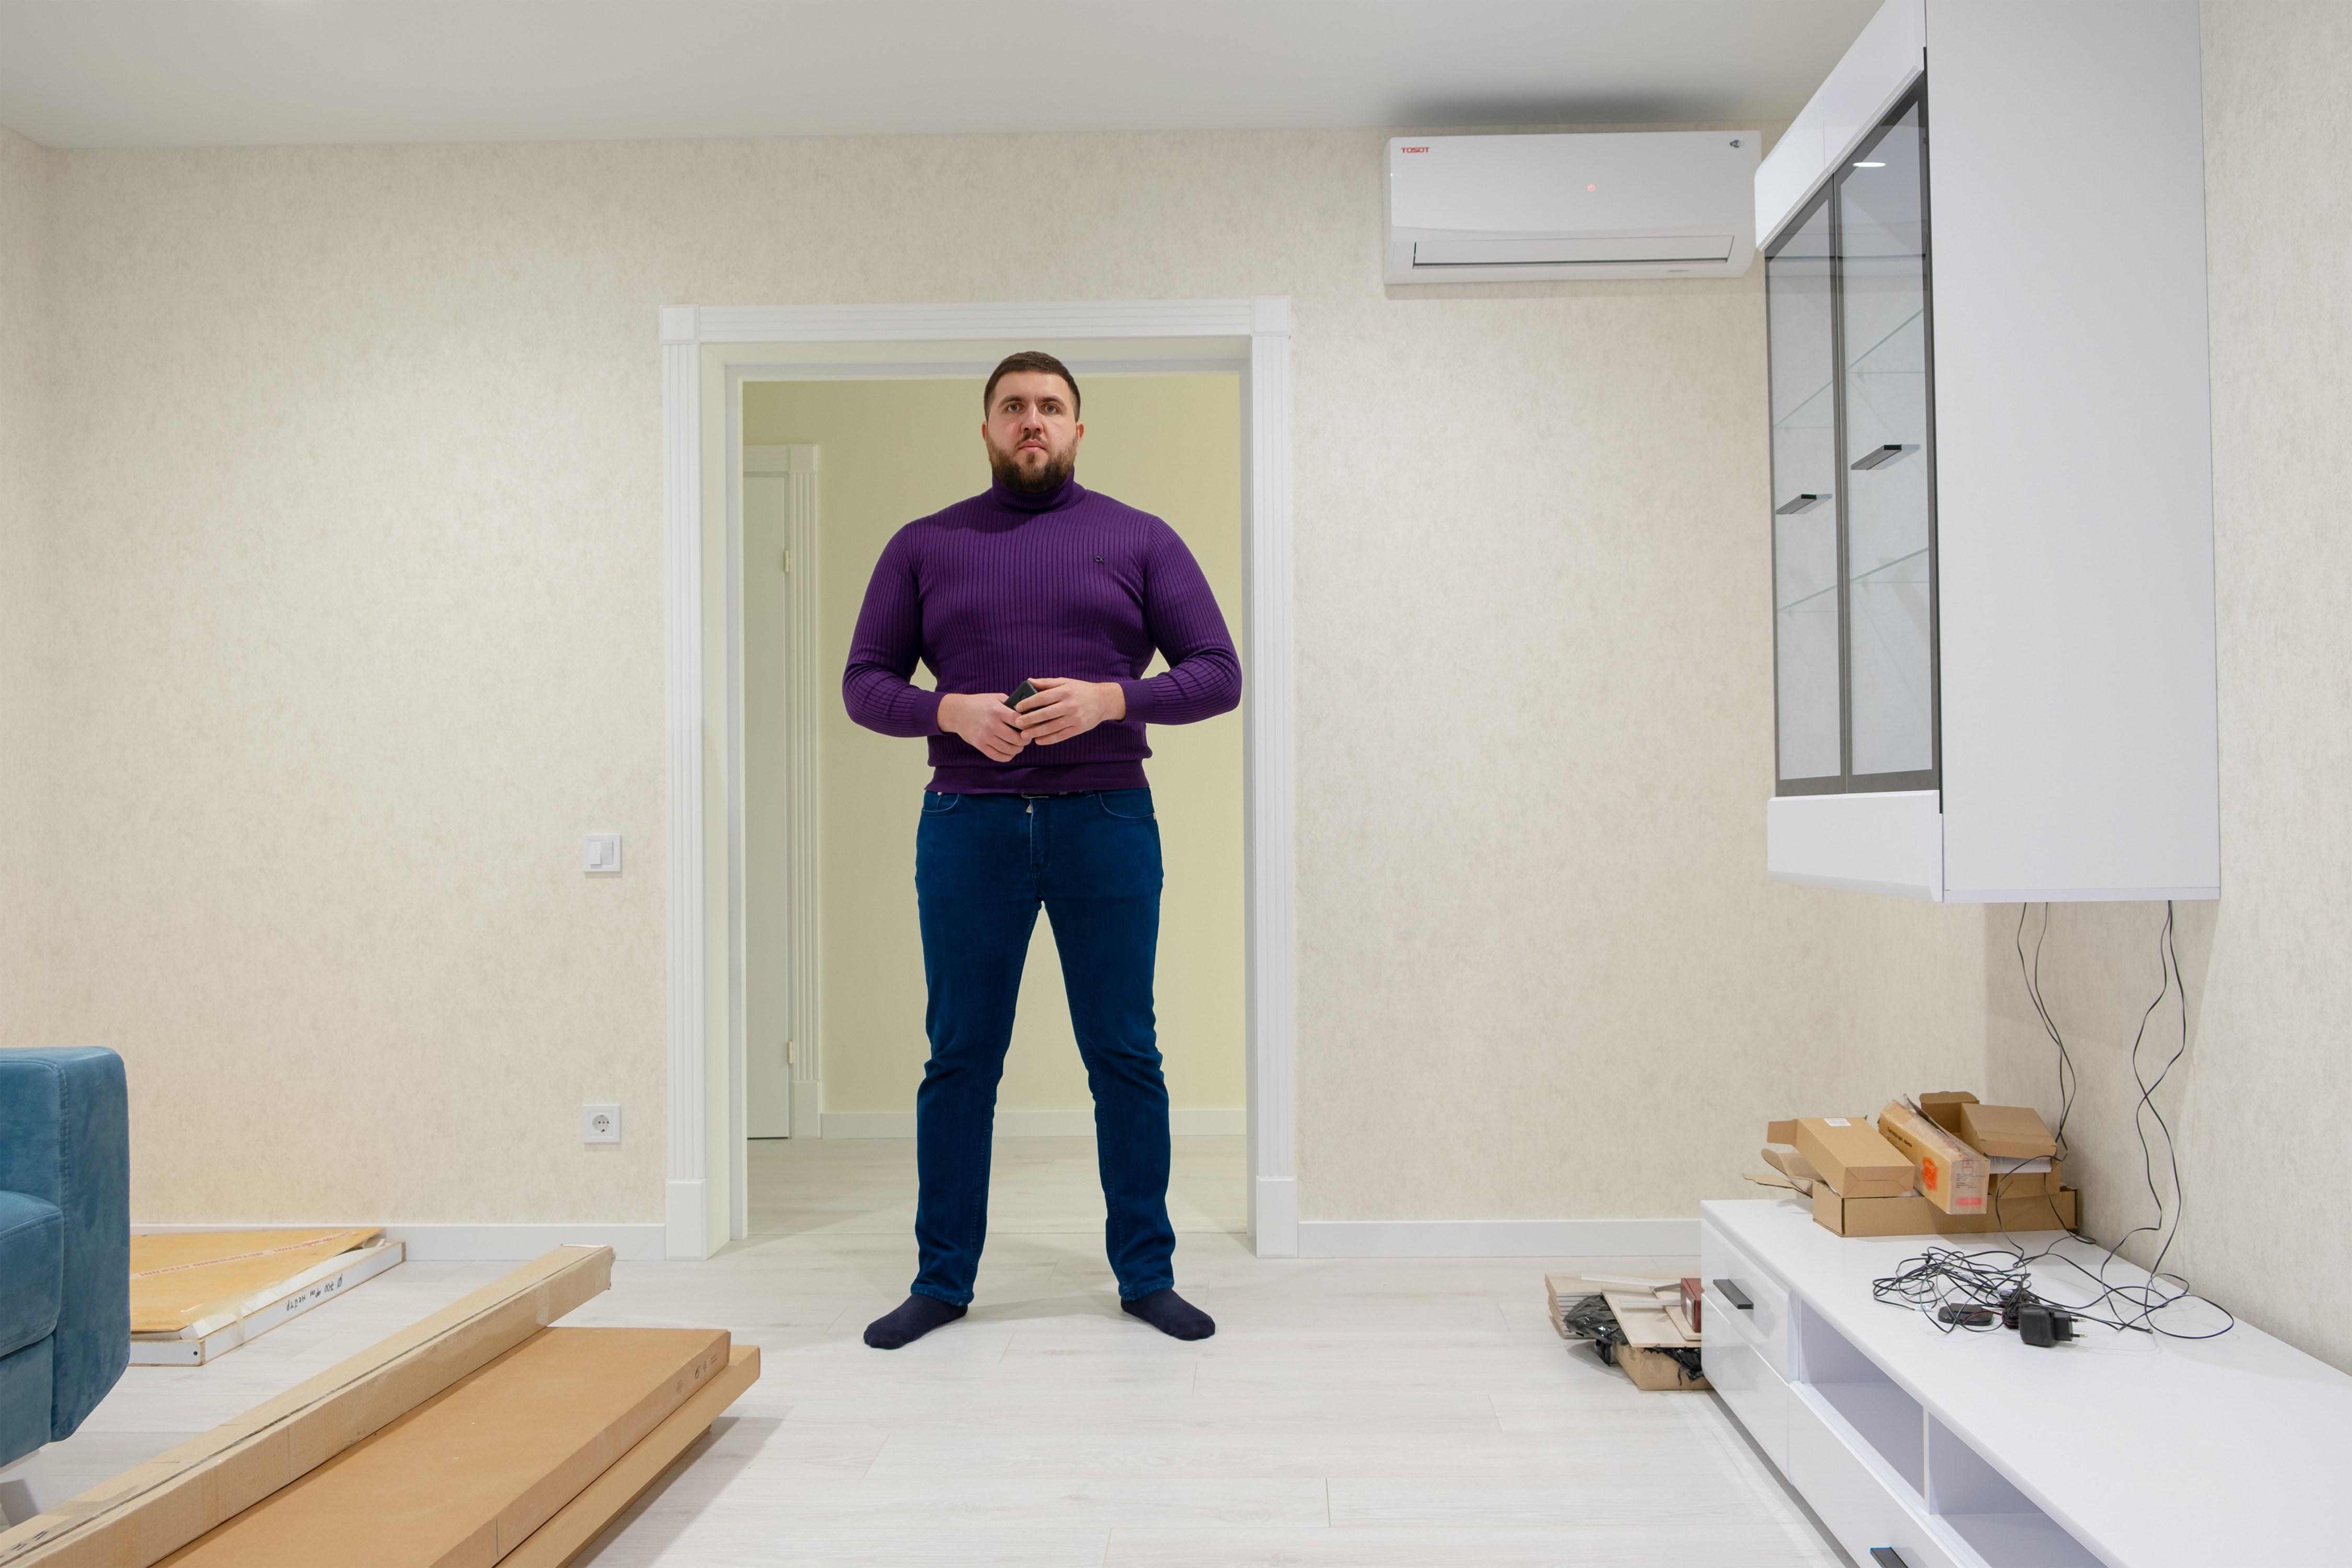 Руководитель проектов Павел в гостиной после ремонта